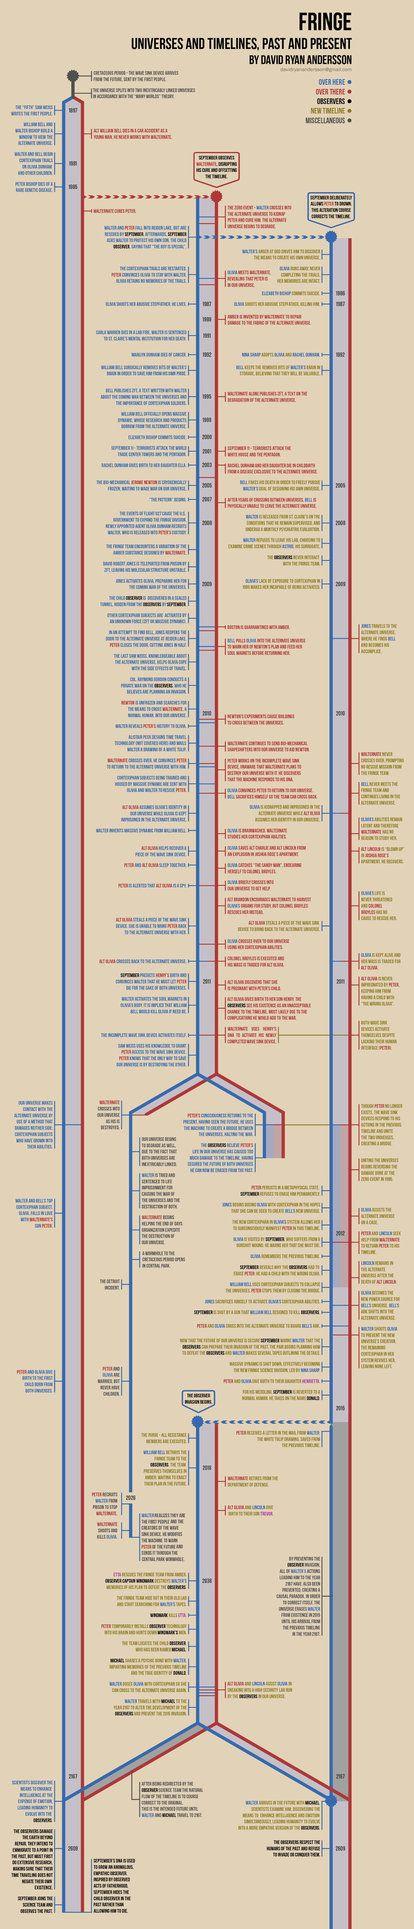 Fringe Timeline Infographic by anderssondavid1 on deviantART